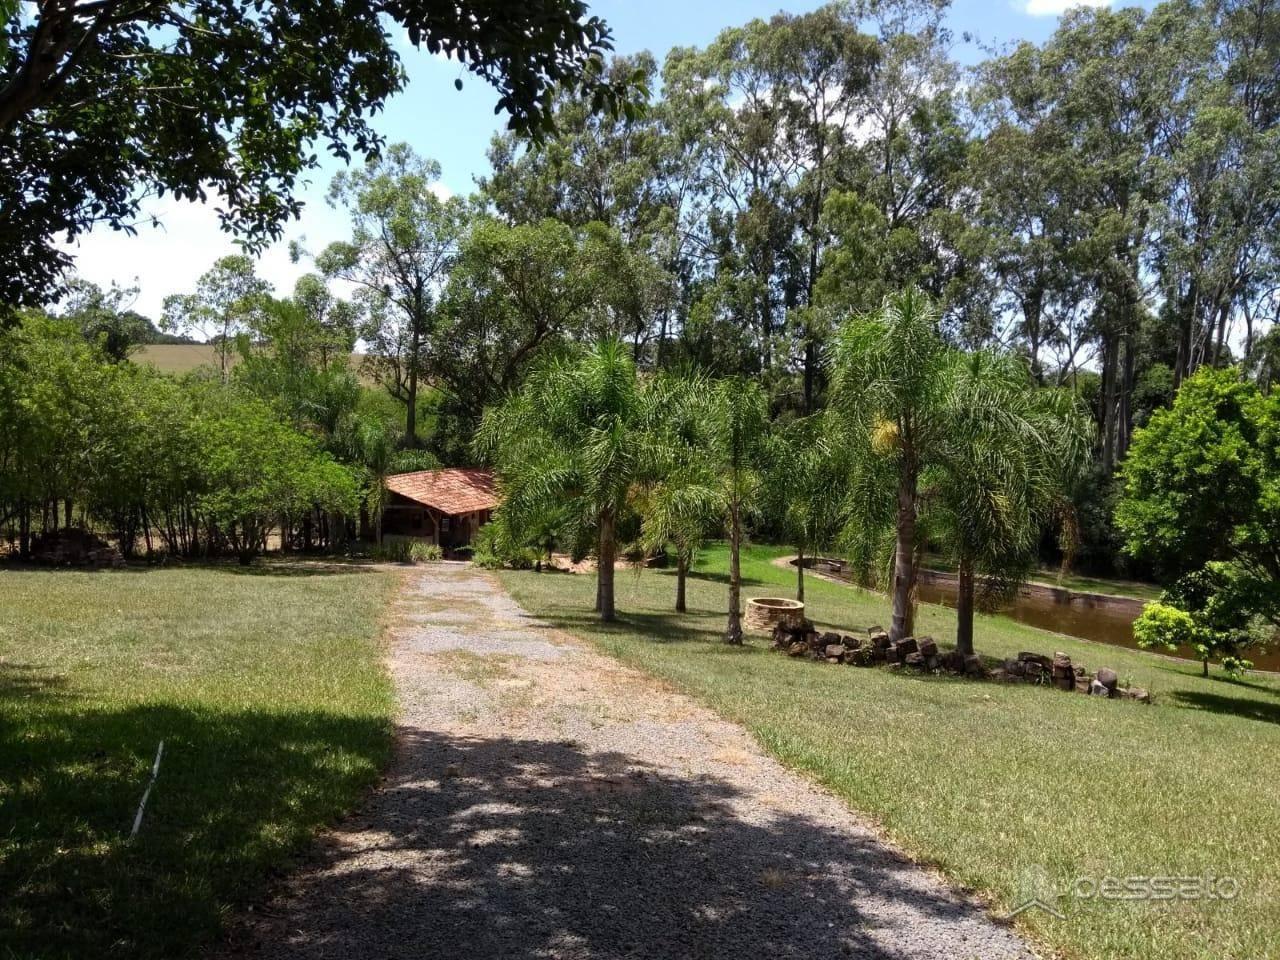 chácara 1 dormitórios em Gravataí, no bairro Recanto Da Corcunda